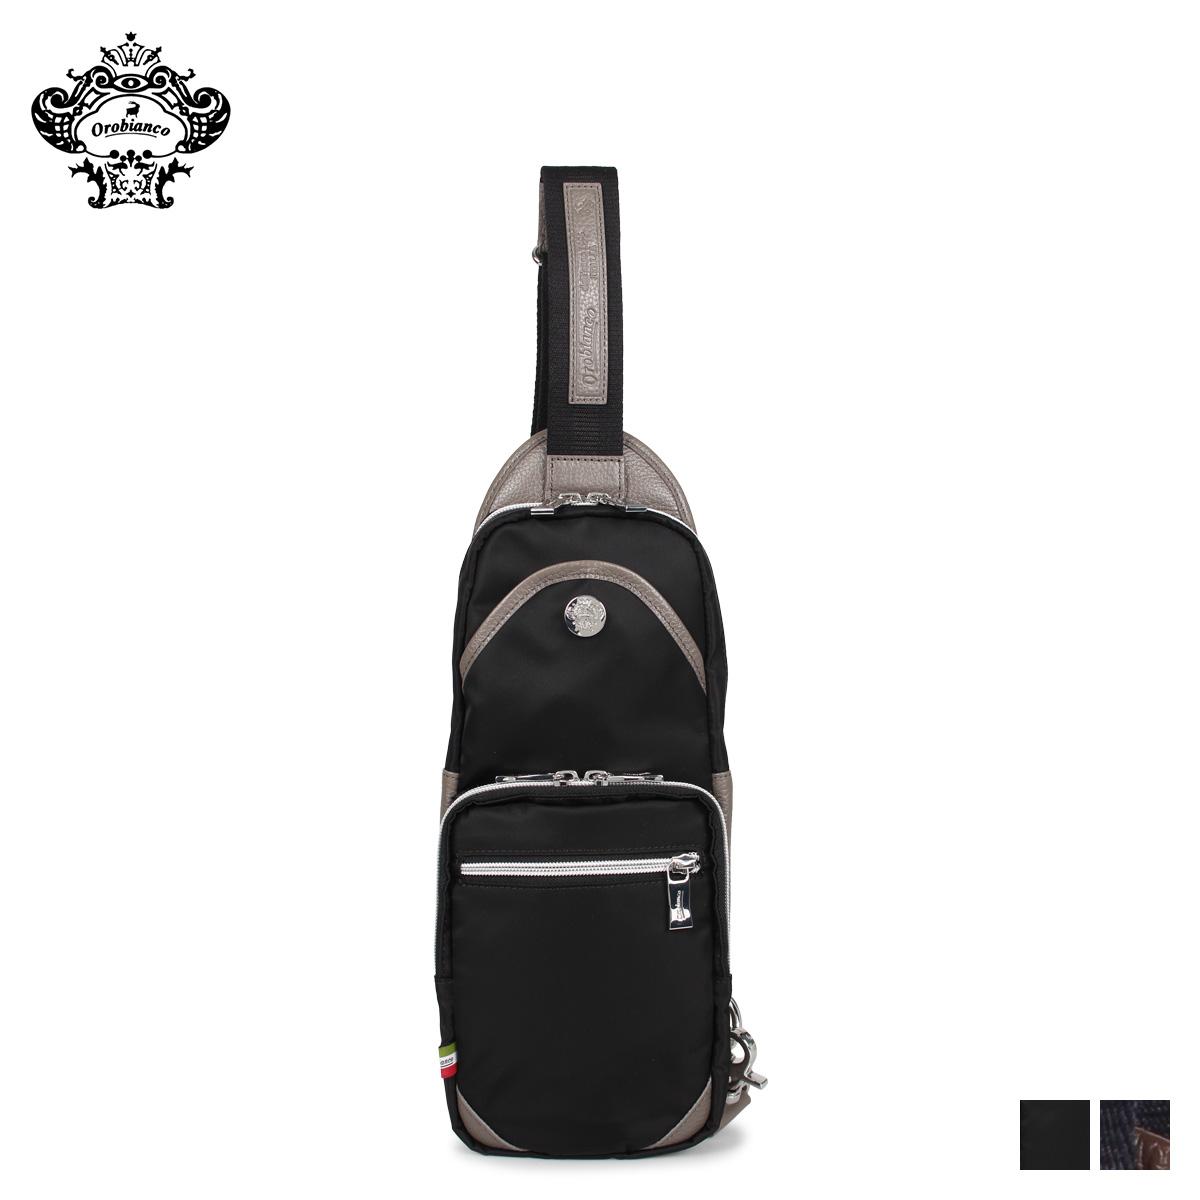 Orobianco オロビアンコ バッグ ボディバッグ ショルダーバッグ メンズ GIACOMIO 13-H ブラック ネイビー 黒 92162